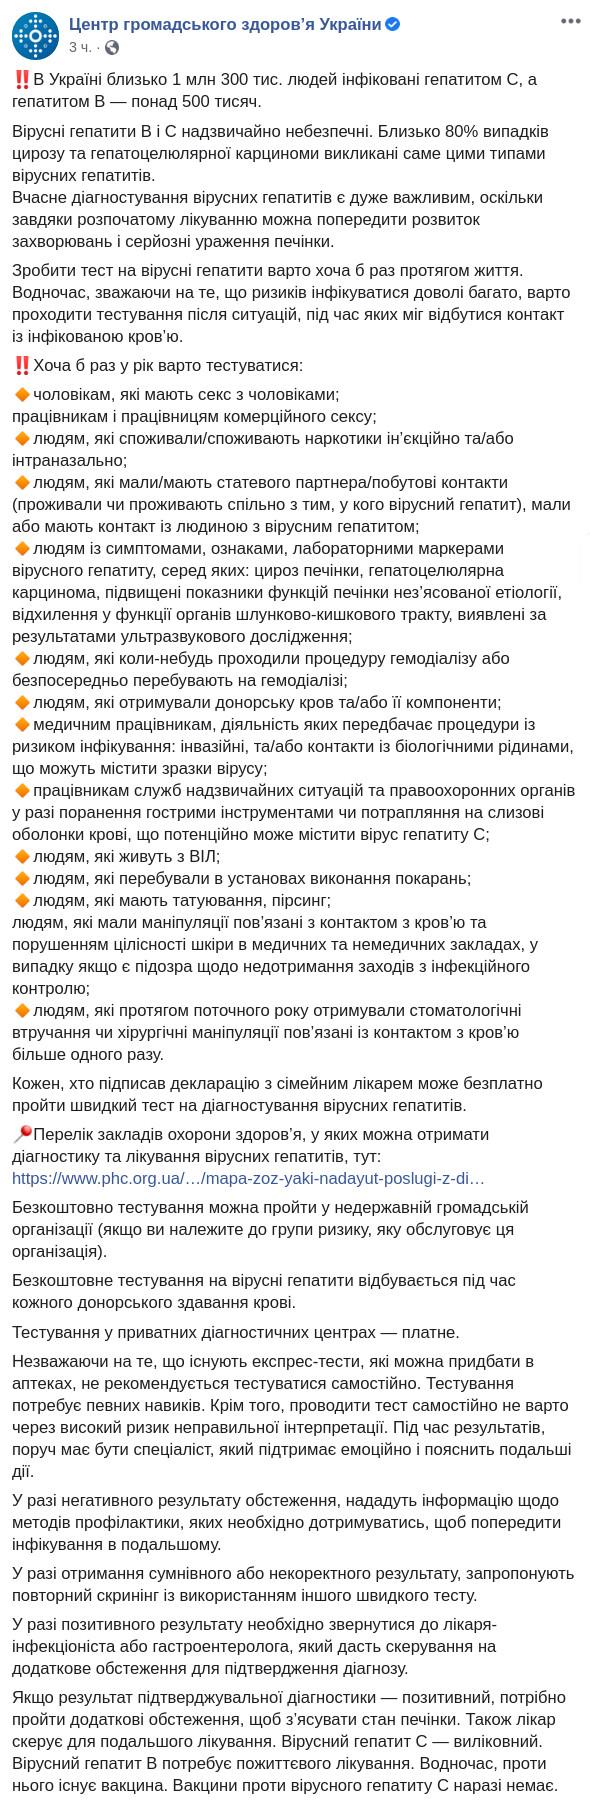 Скриншот сообщения ЦОЗ Минздрава Украины в Facebook